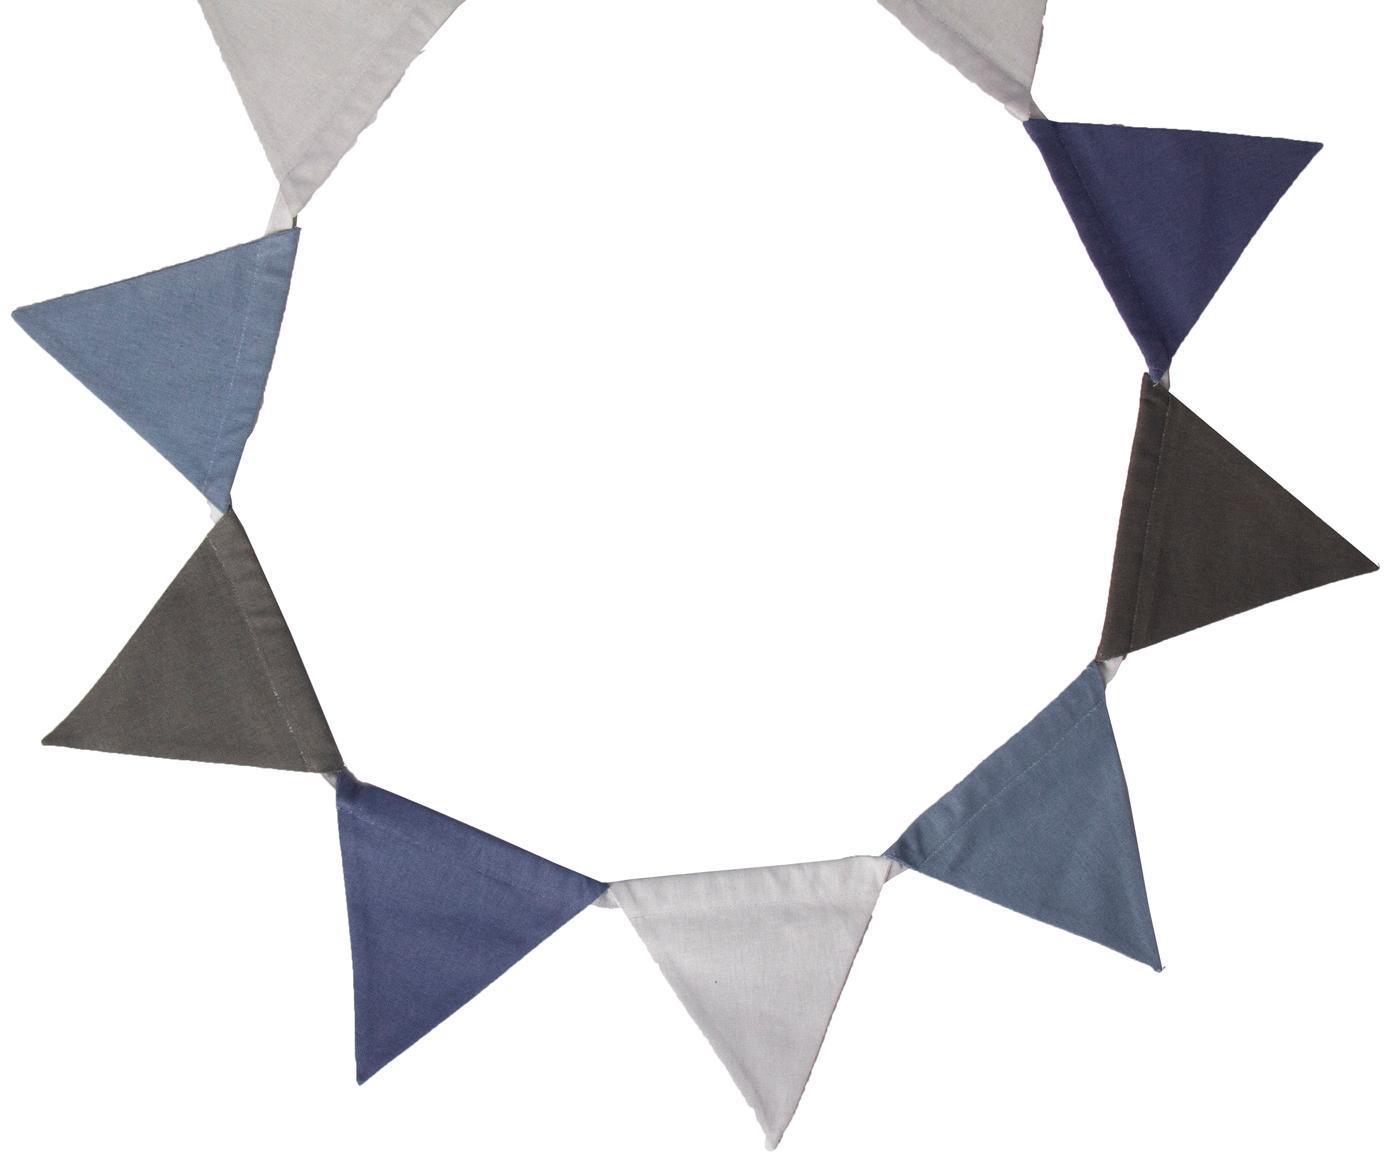 Girlande Vimply, Baumwolle, Blau, Grau, Anthrazit, L 250 cm